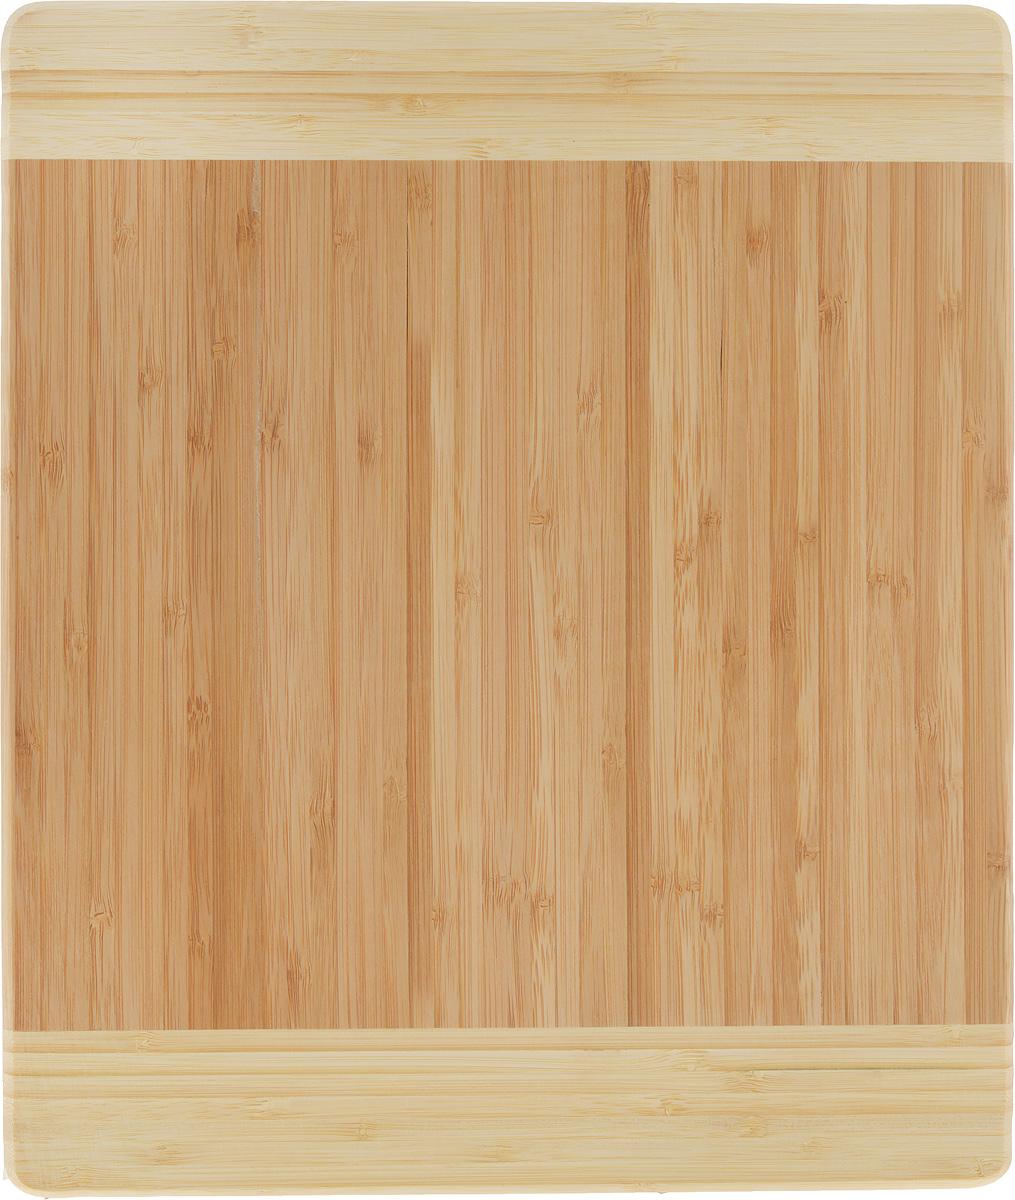 Доска разделочная Zeller, 34 х 29 х 1,6 см25258Разделочная доска Zeller выполнена из 100% натурального бамбука. Прочная, долговечная доска не боится воды и не впитывает запахи. Легко моется, бережно относится к лезвию ножа. Такая доска понравится любой хозяйке и будет отличным помощником на кухне. Не рекомендуется мыть в посудомоечной машине.